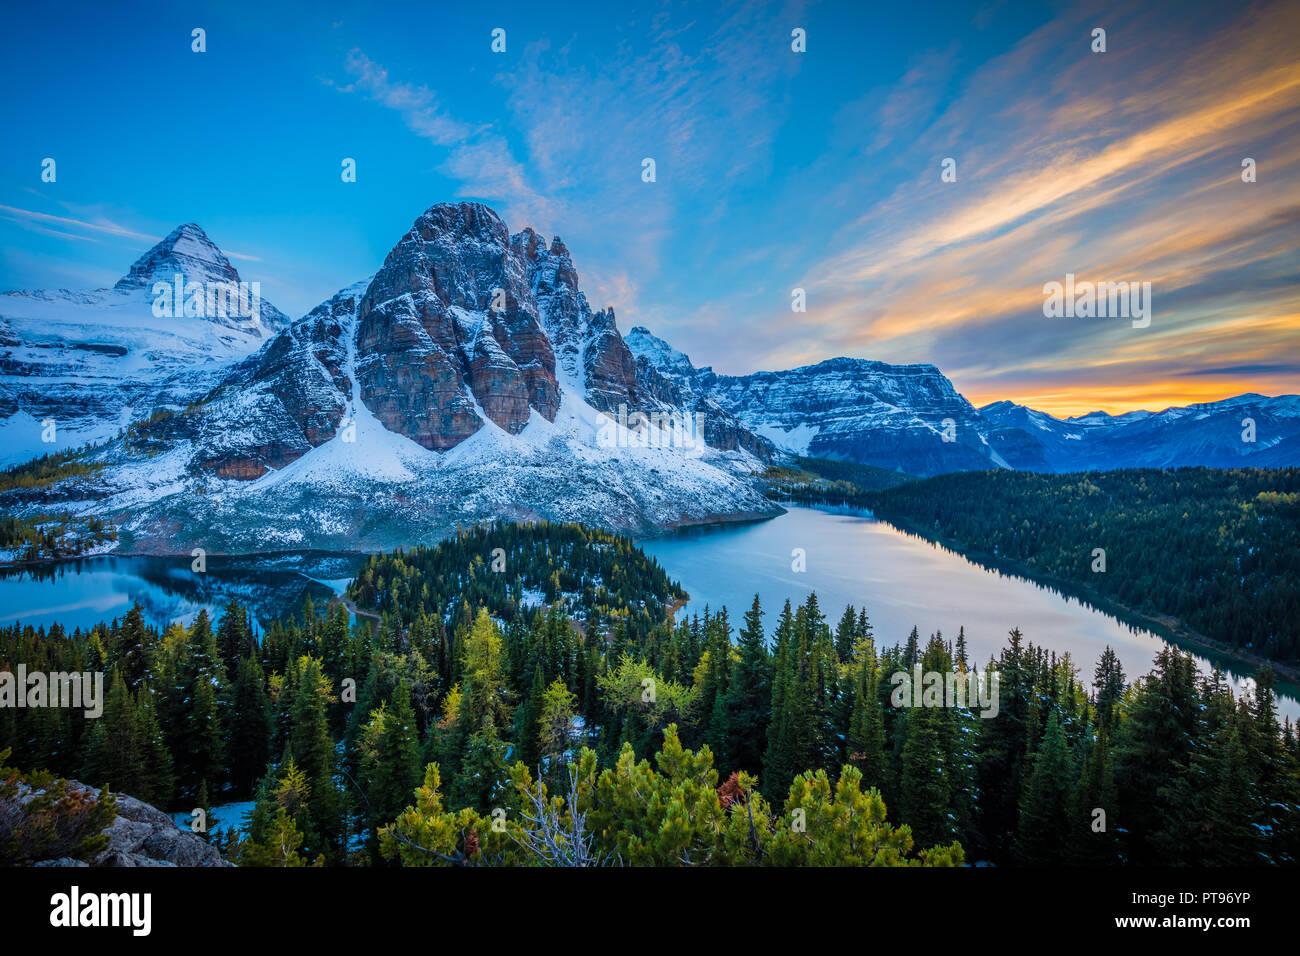 Monte Assiniboine Provincial Park es un parque provincial en British Columbia, Canadá, situado alrededor del monte Assiniboine. El parque fue creado el año 1922. S Imagen De Stock